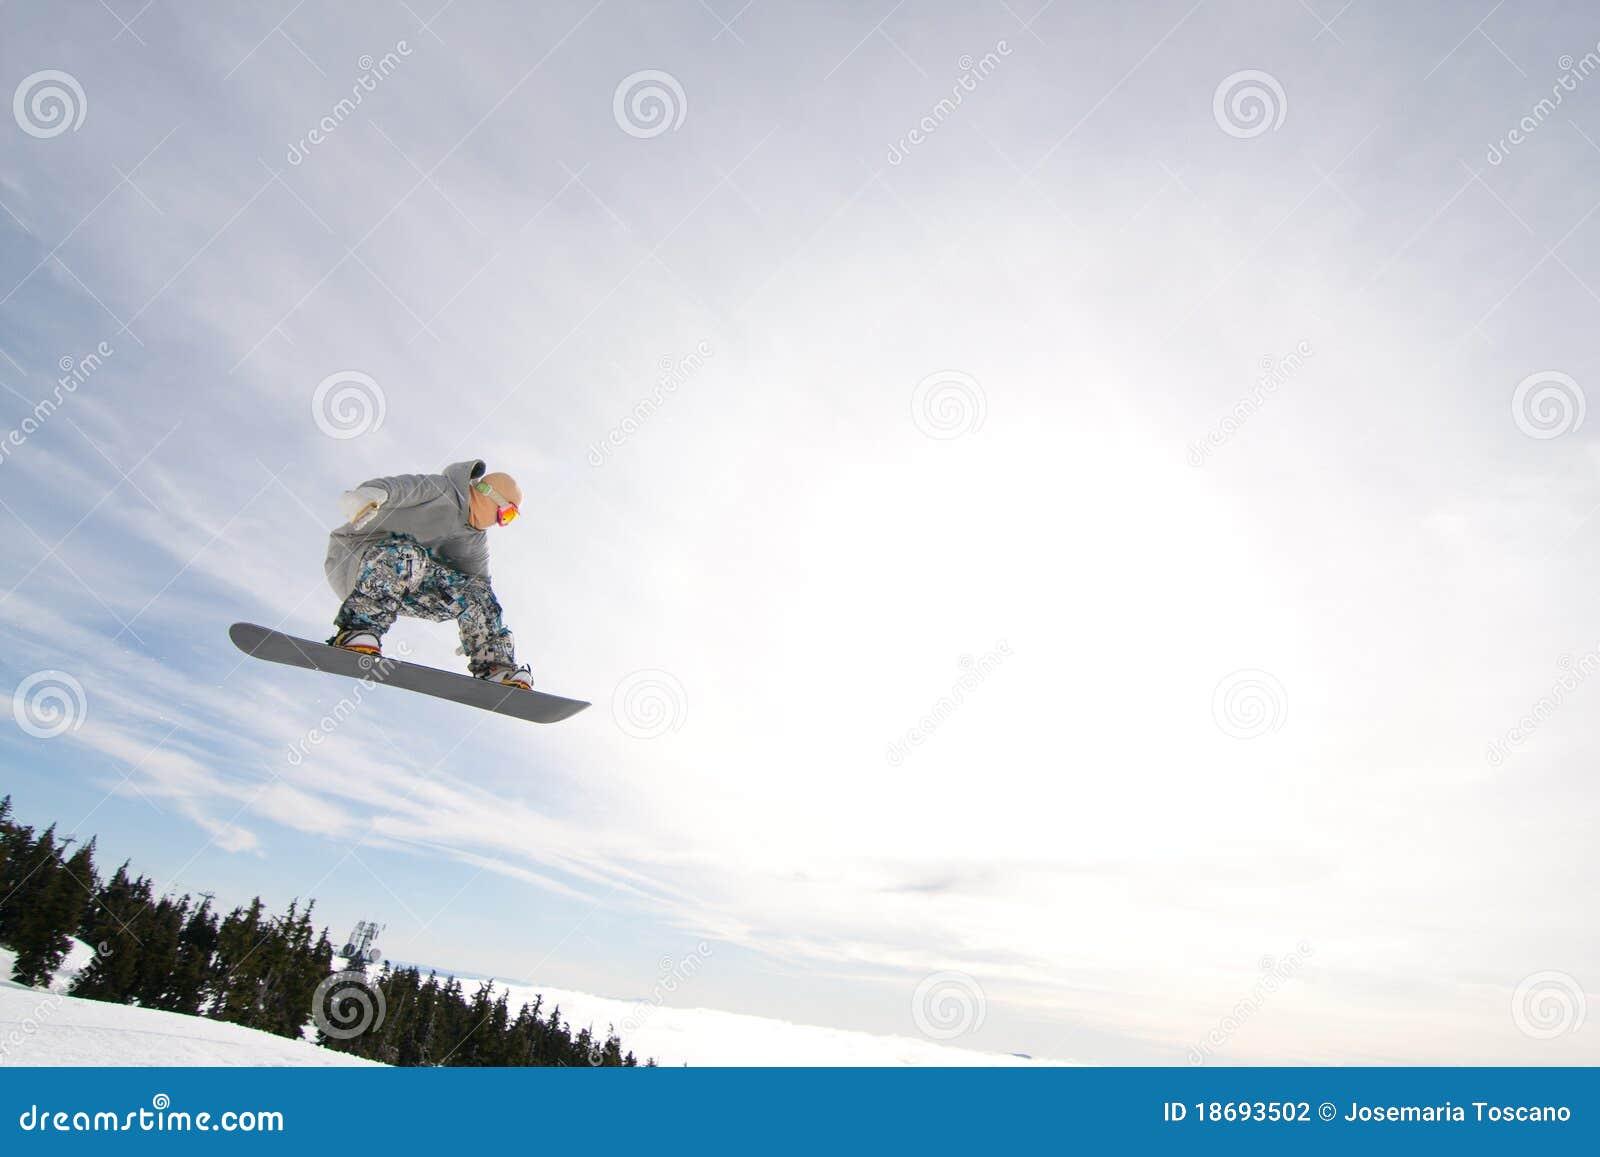 Mannelijke Snowboarder vangt Grote Lucht.